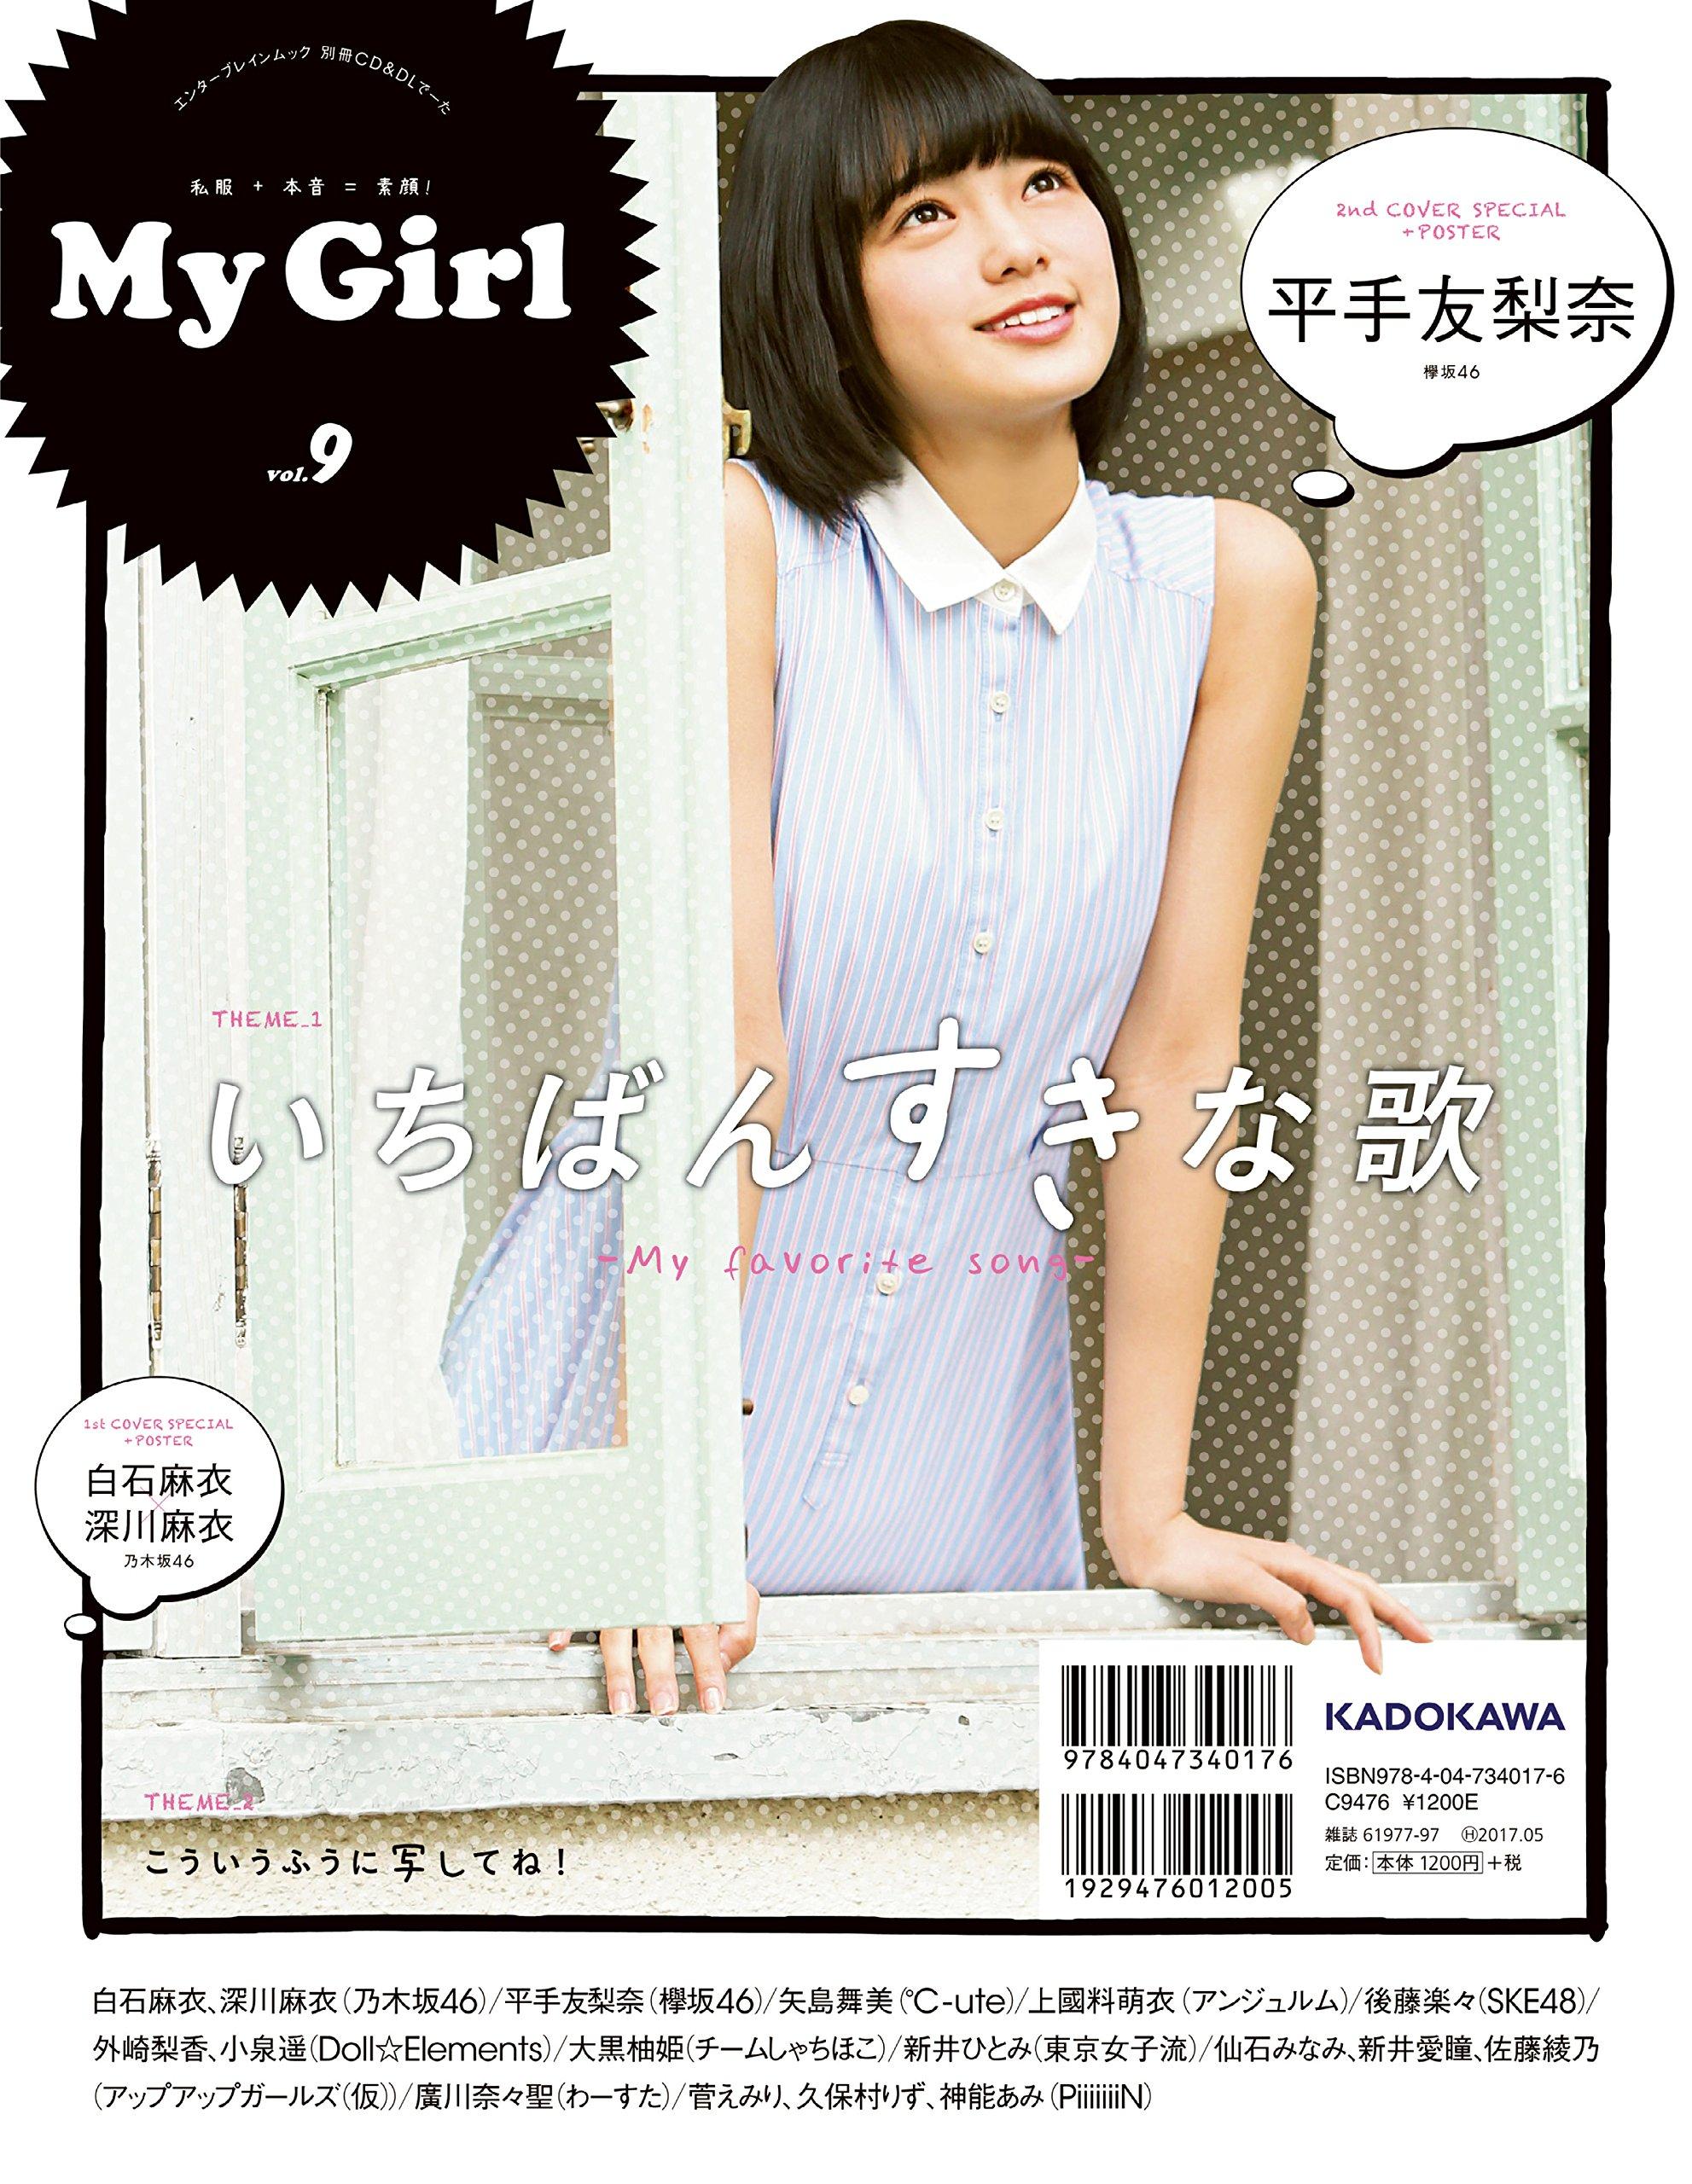 別冊CD&DLでーた My Girl vol.9 平手友梨奈(欅坂46)